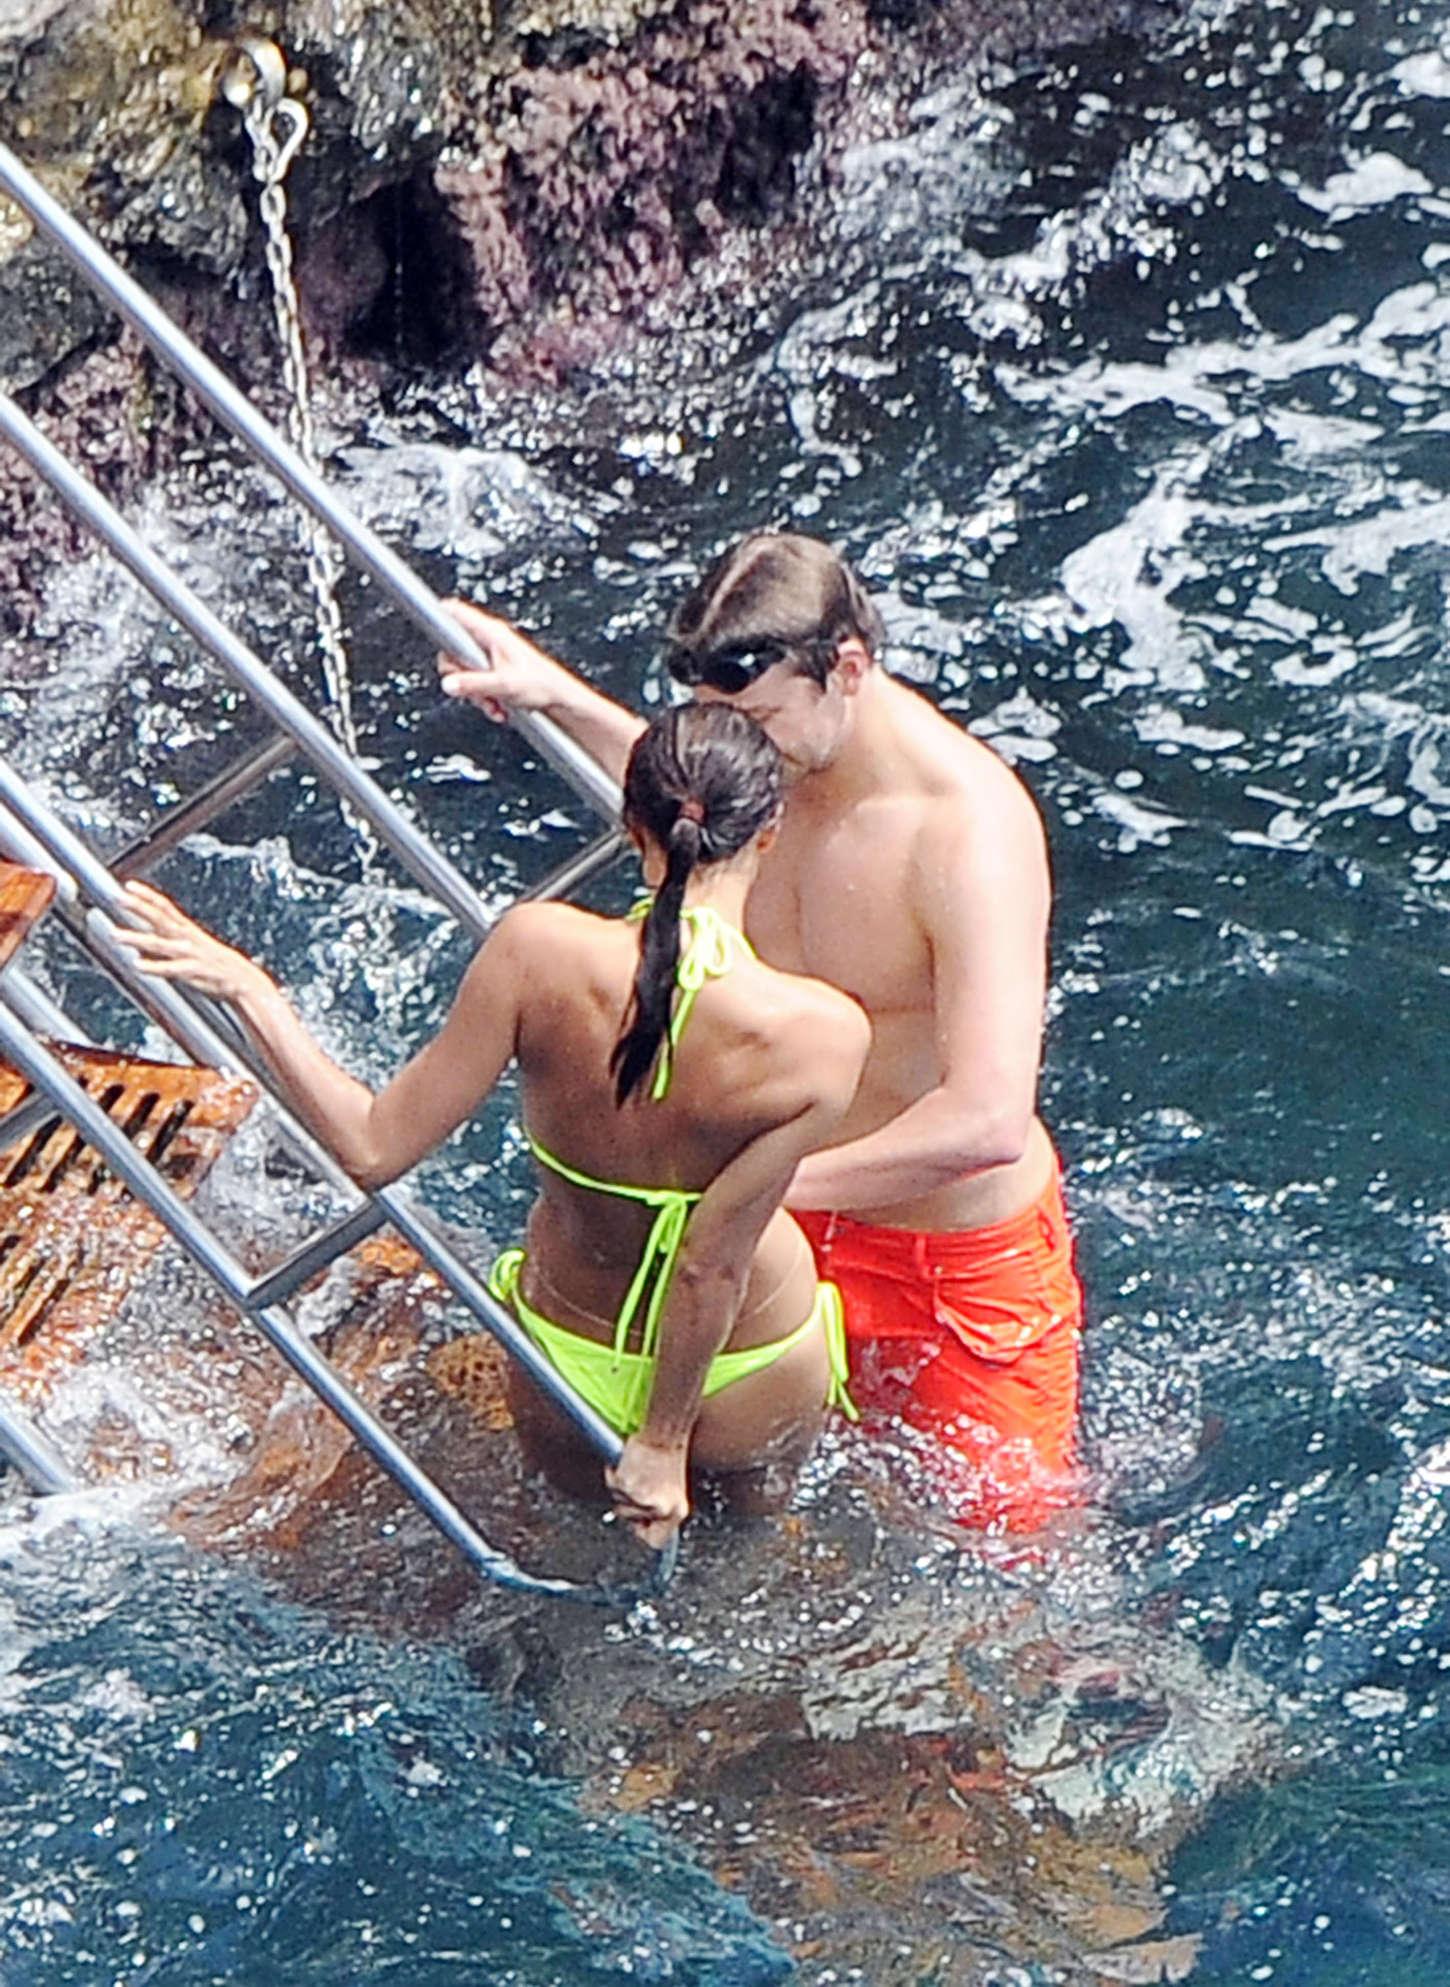 Irina Shayk fappening leak